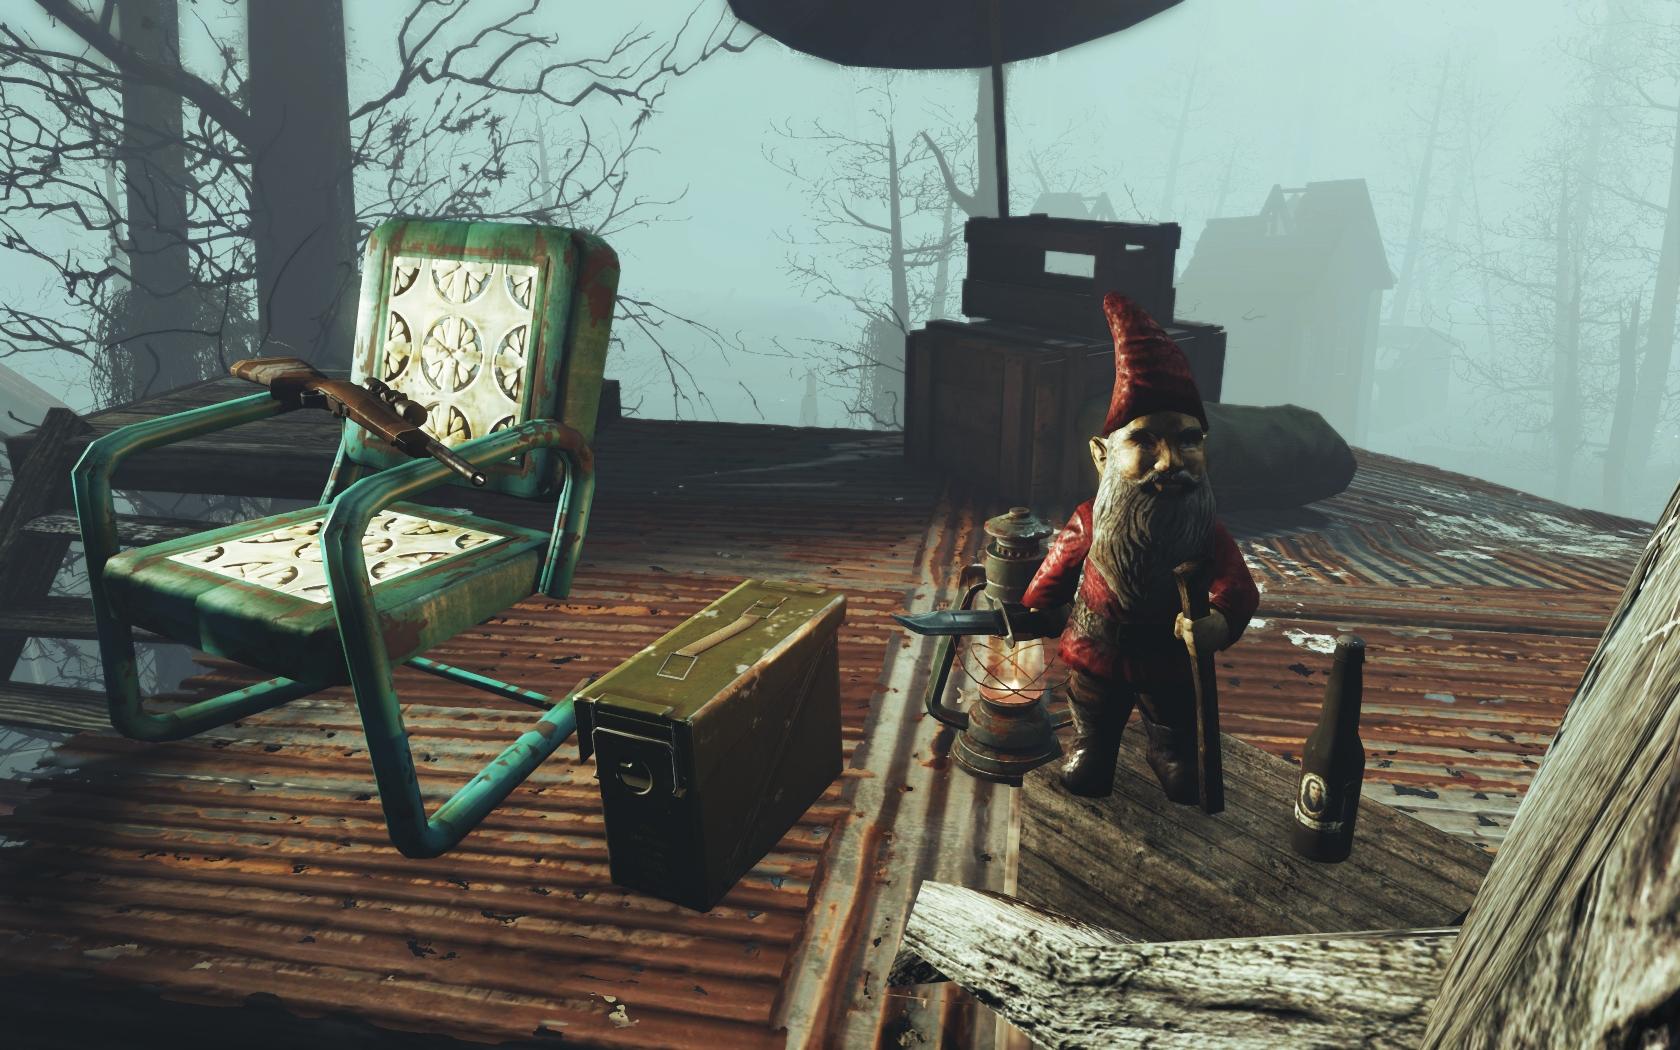 Сколько я зарезал, сколько перерезал (Фар-Харбор, Хэддок-Коув) - Fallout 4 Садовый гном, Хэддок-Коув